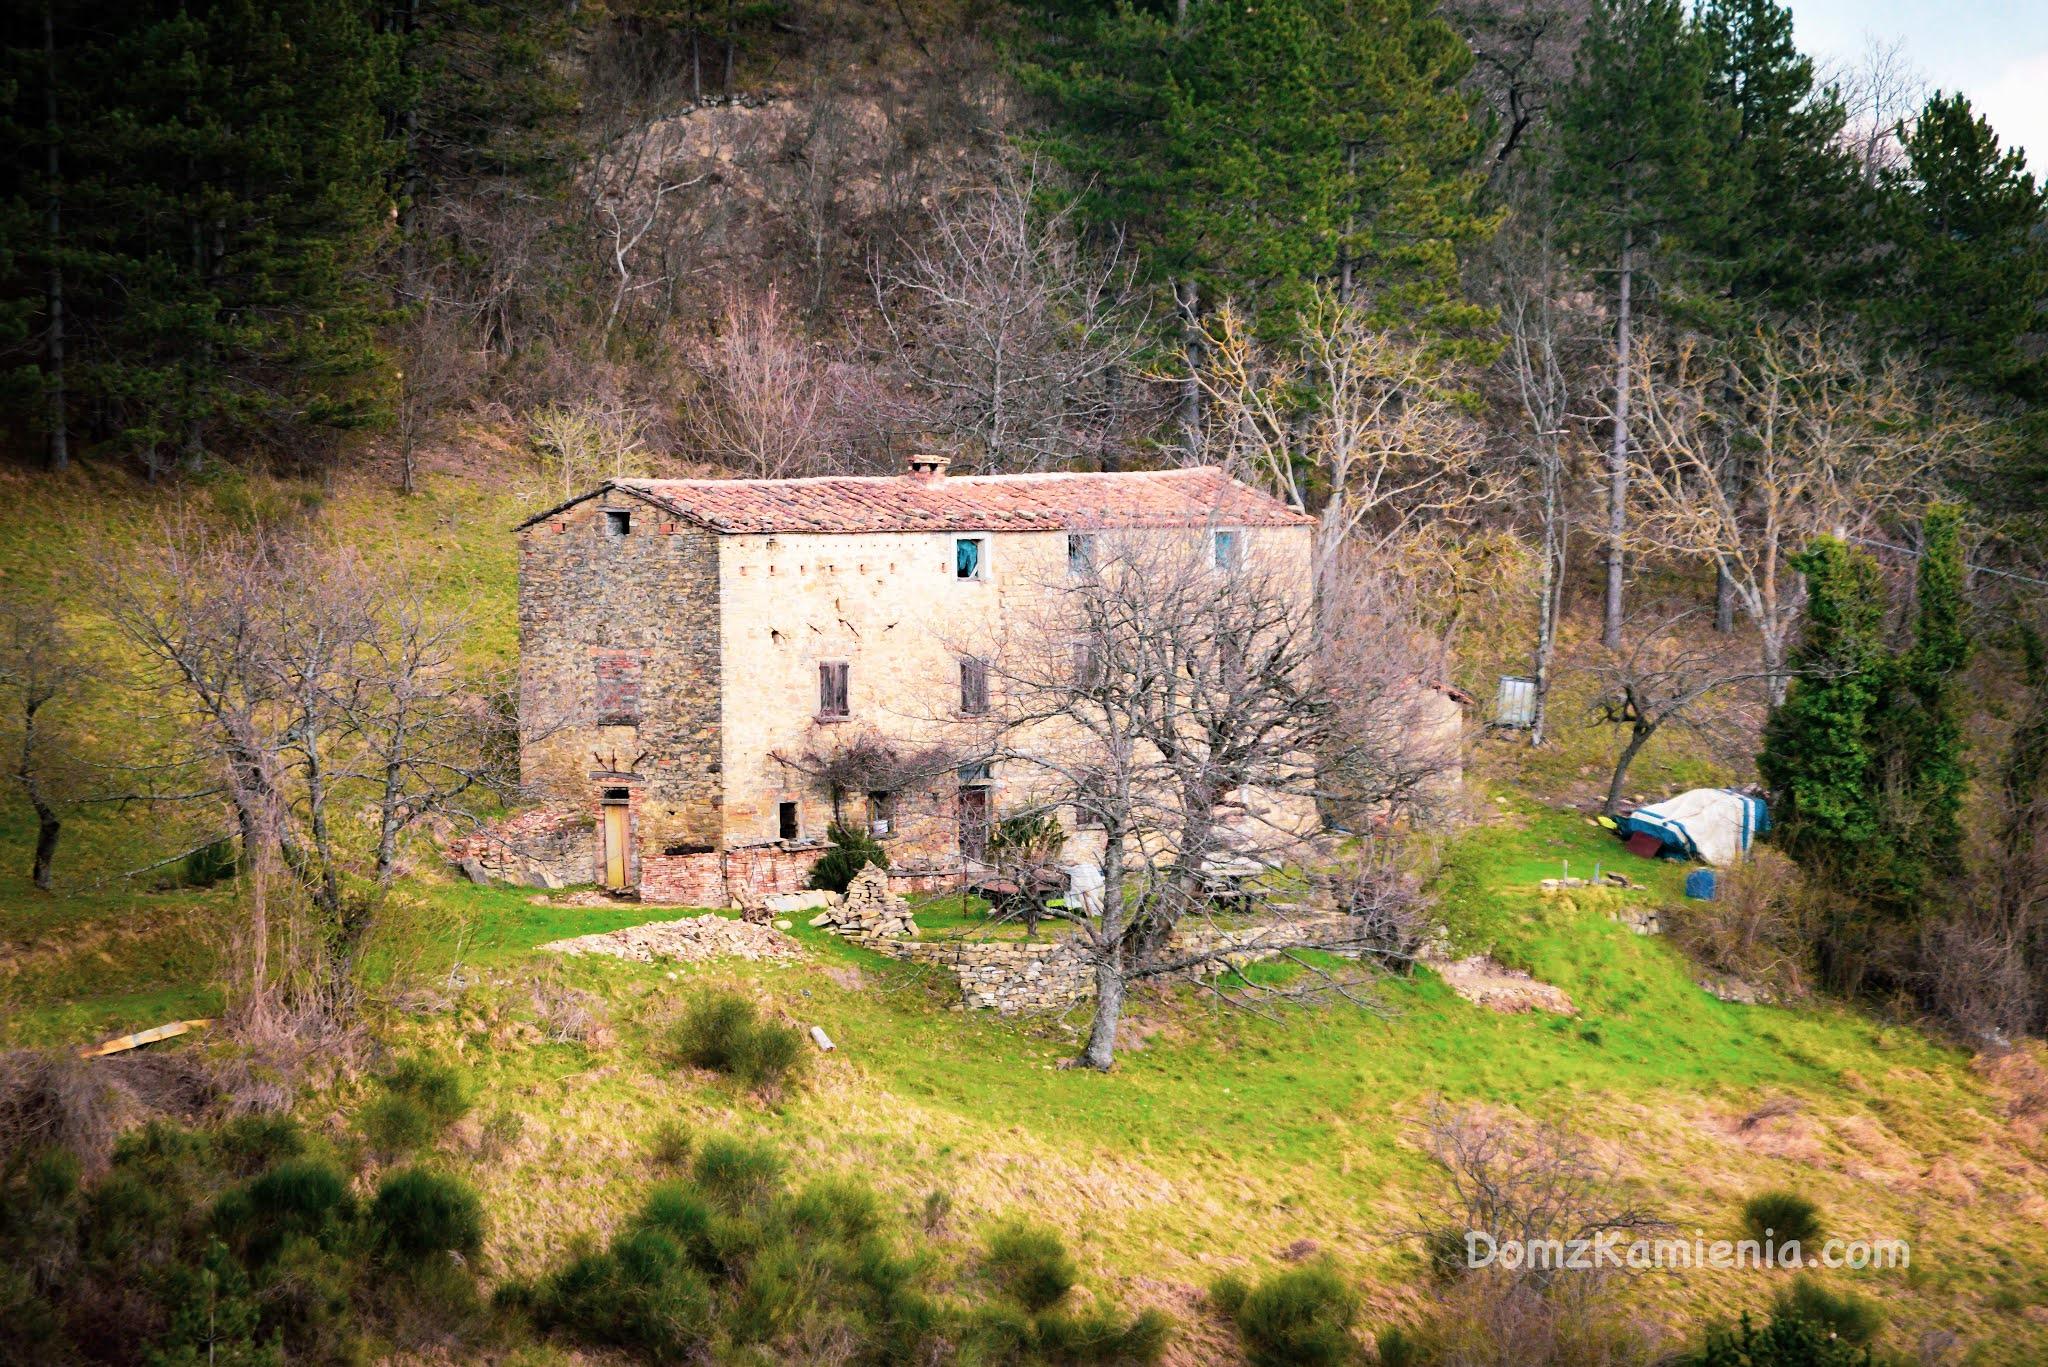 Dom z Kamienia blog, Marradi gaj kasztanowy